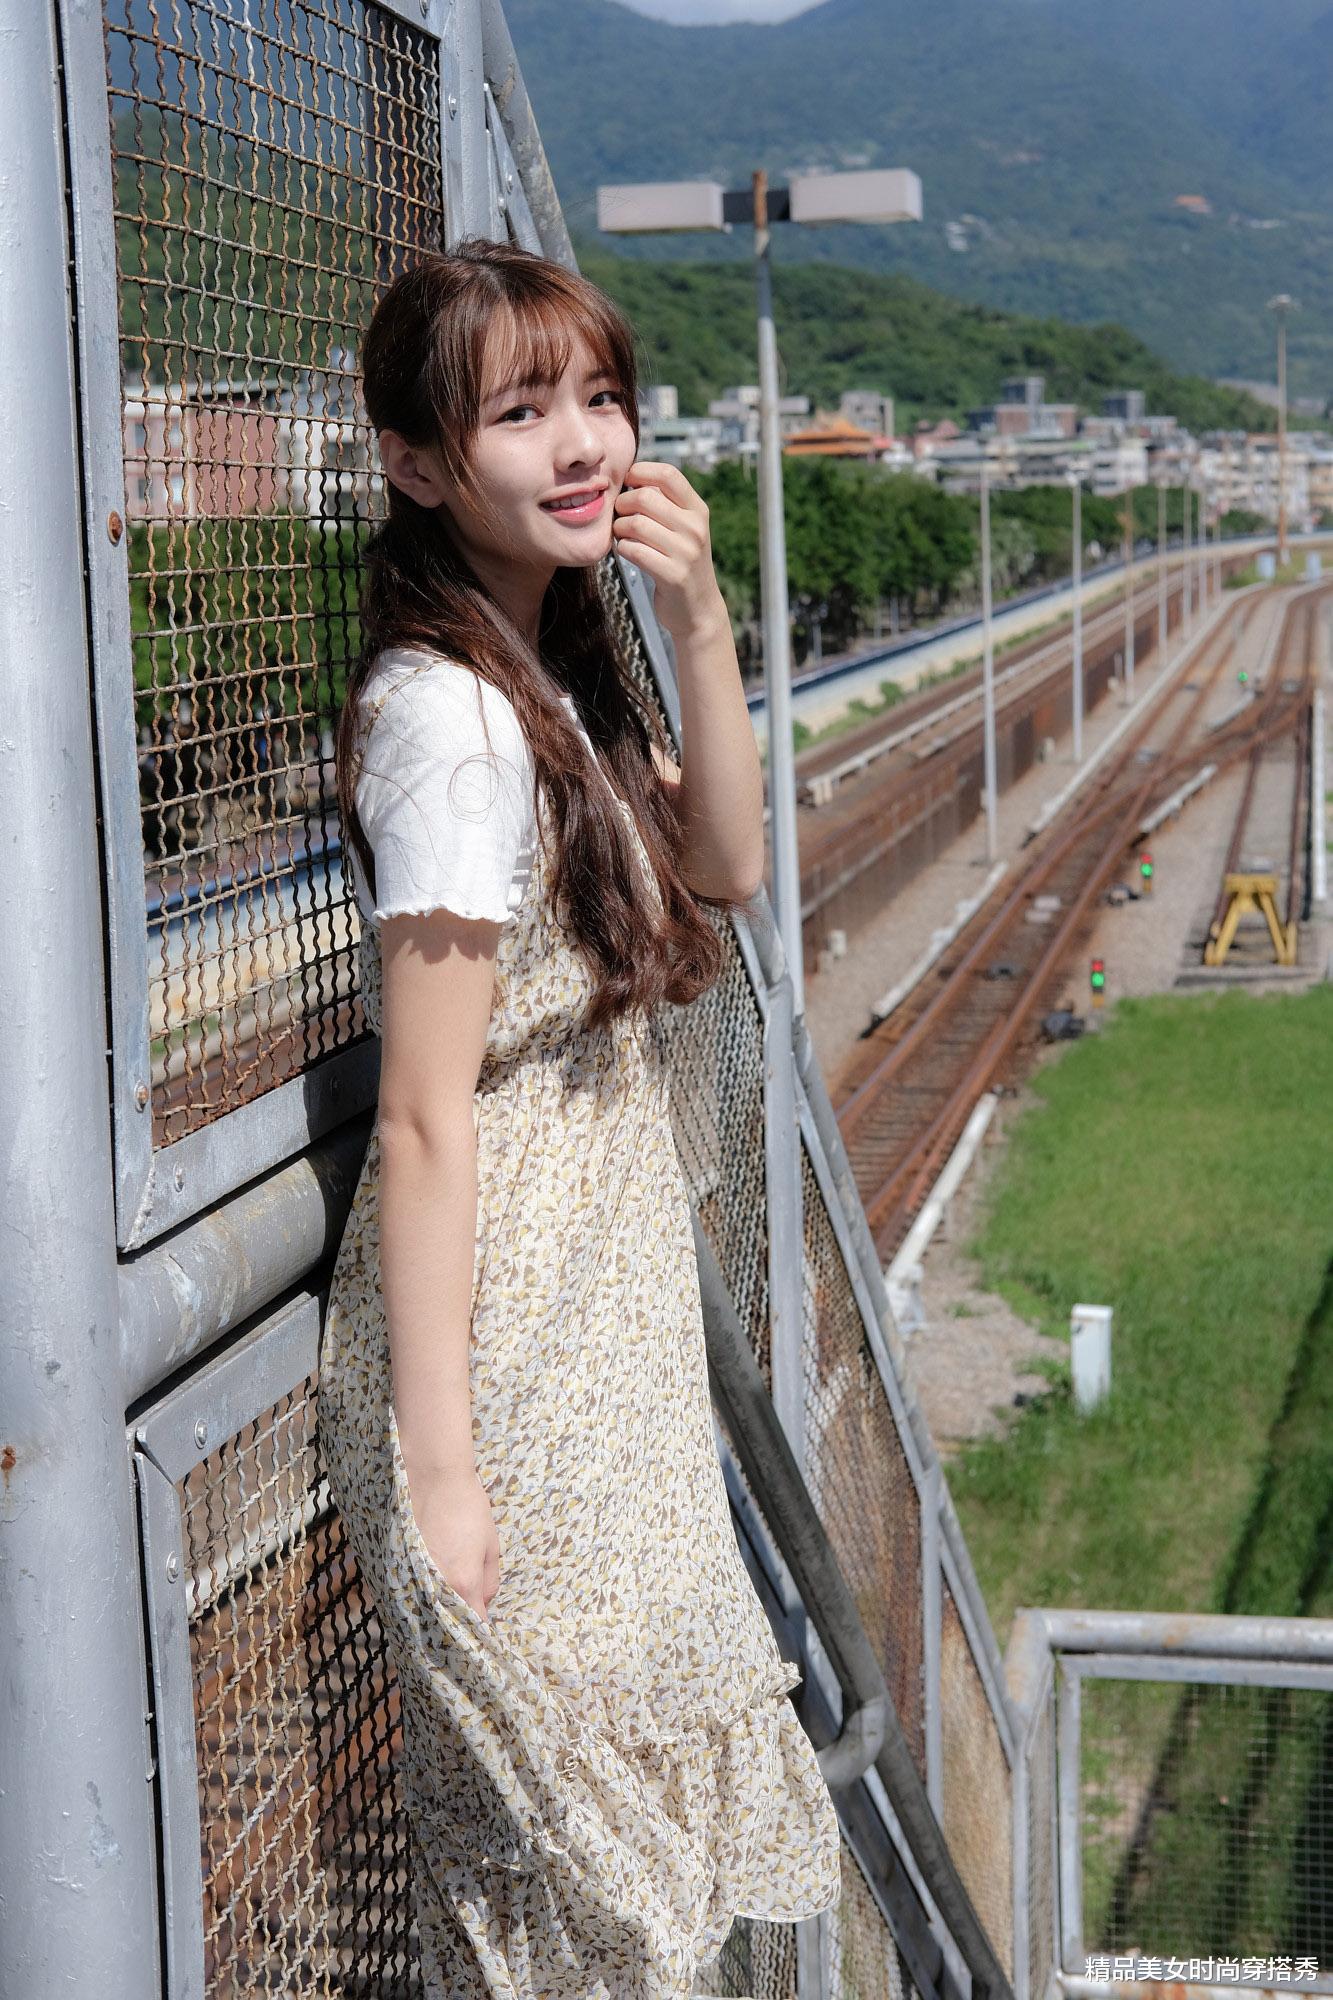 白色的T恤+碎花吊带裙,清新文艺少女风,满满的甜蜜少女感_娱乐化新闻